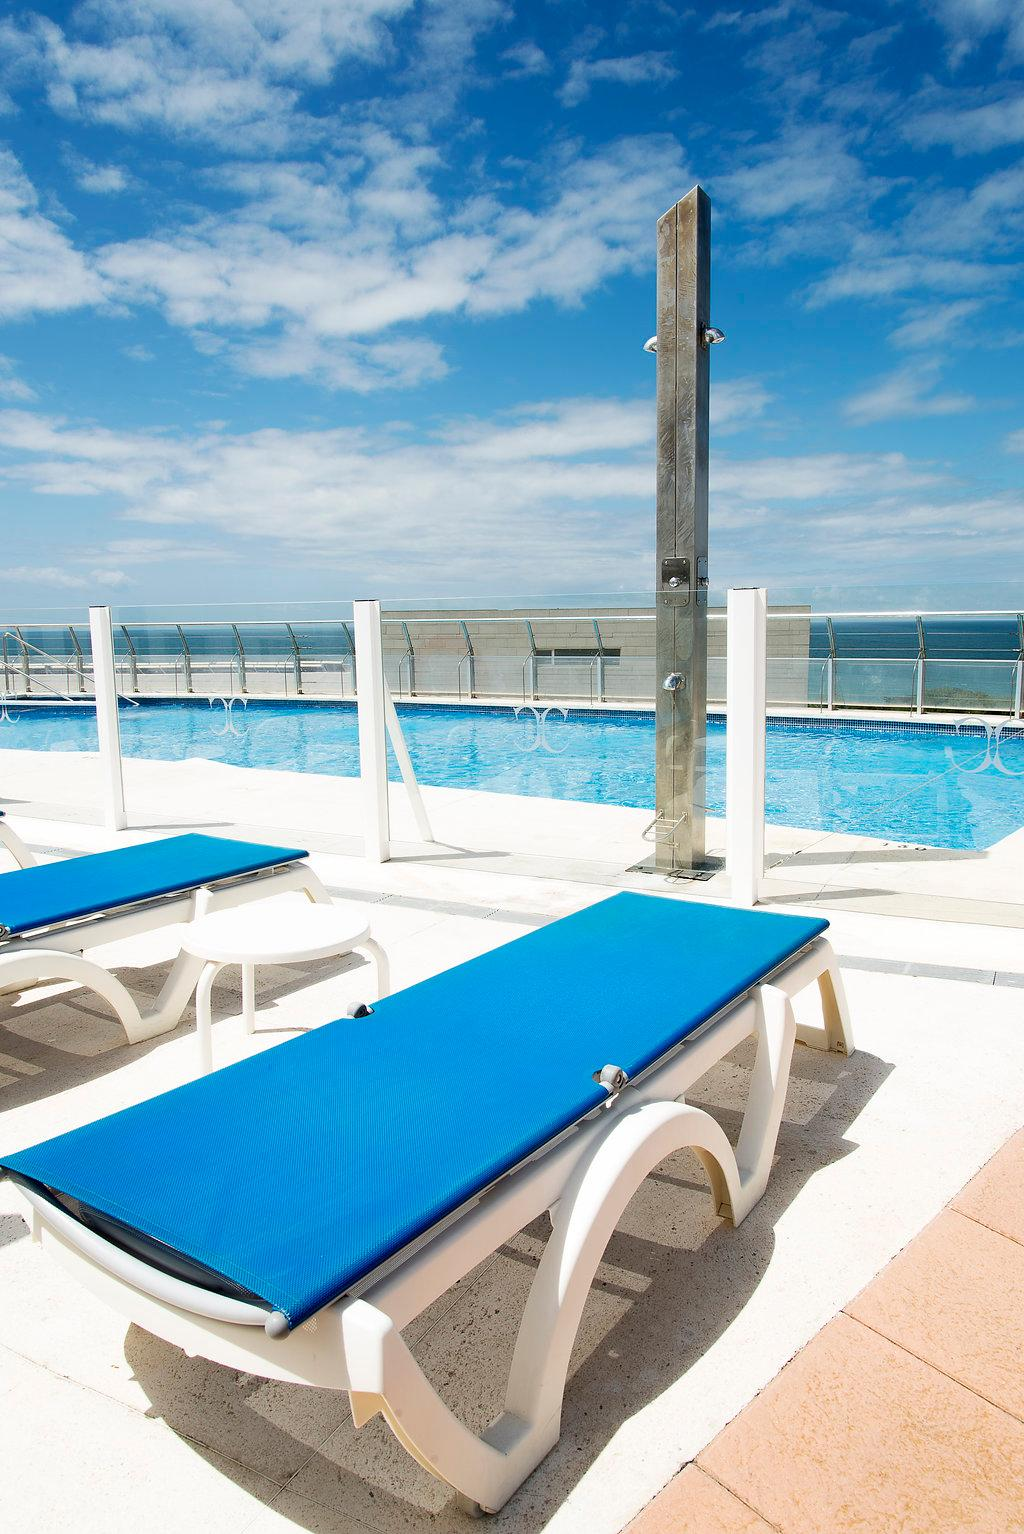 Hotel Costa Conil Voyages Conil De La Frontera Das 335 Eur Sacjours Pas Chers Pour Vos